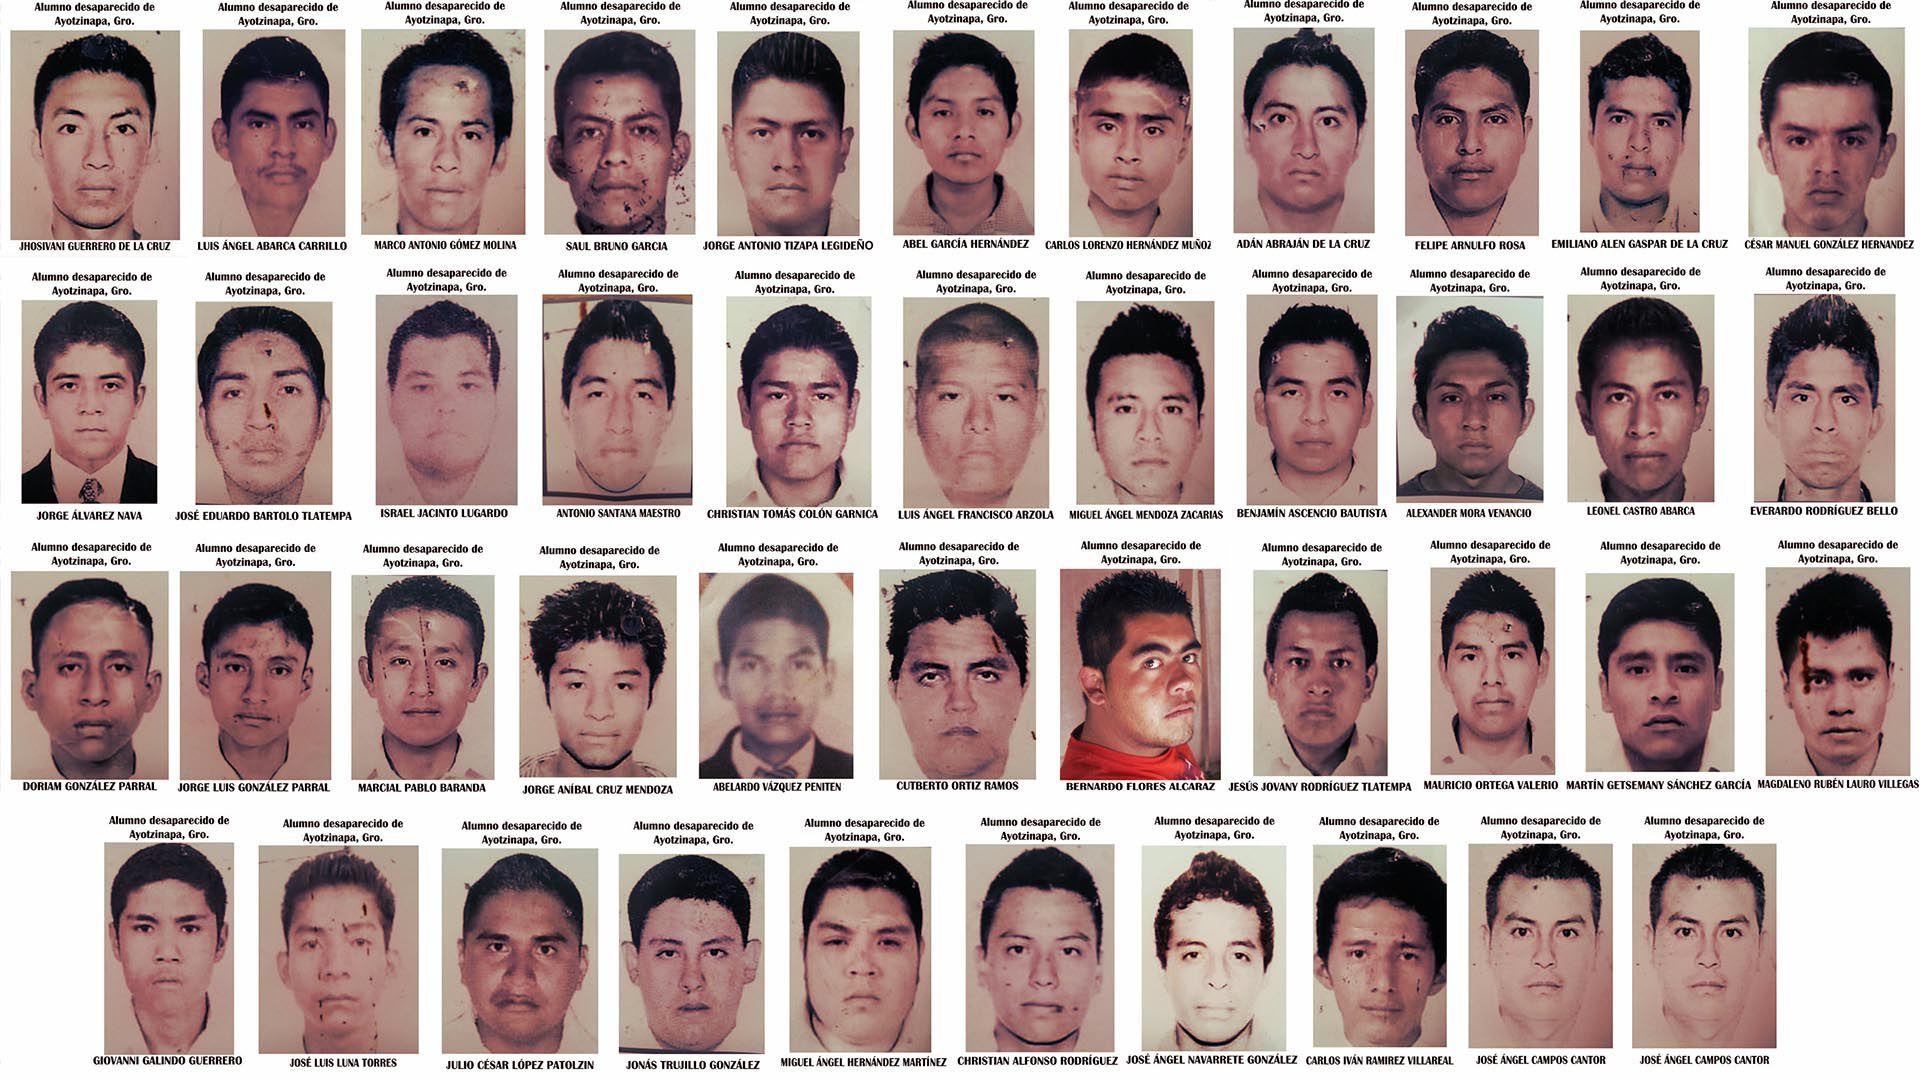 Los estudiantes desaparecieron hace más de 4 años y la duda sigue abierta (Foto: Archivo)